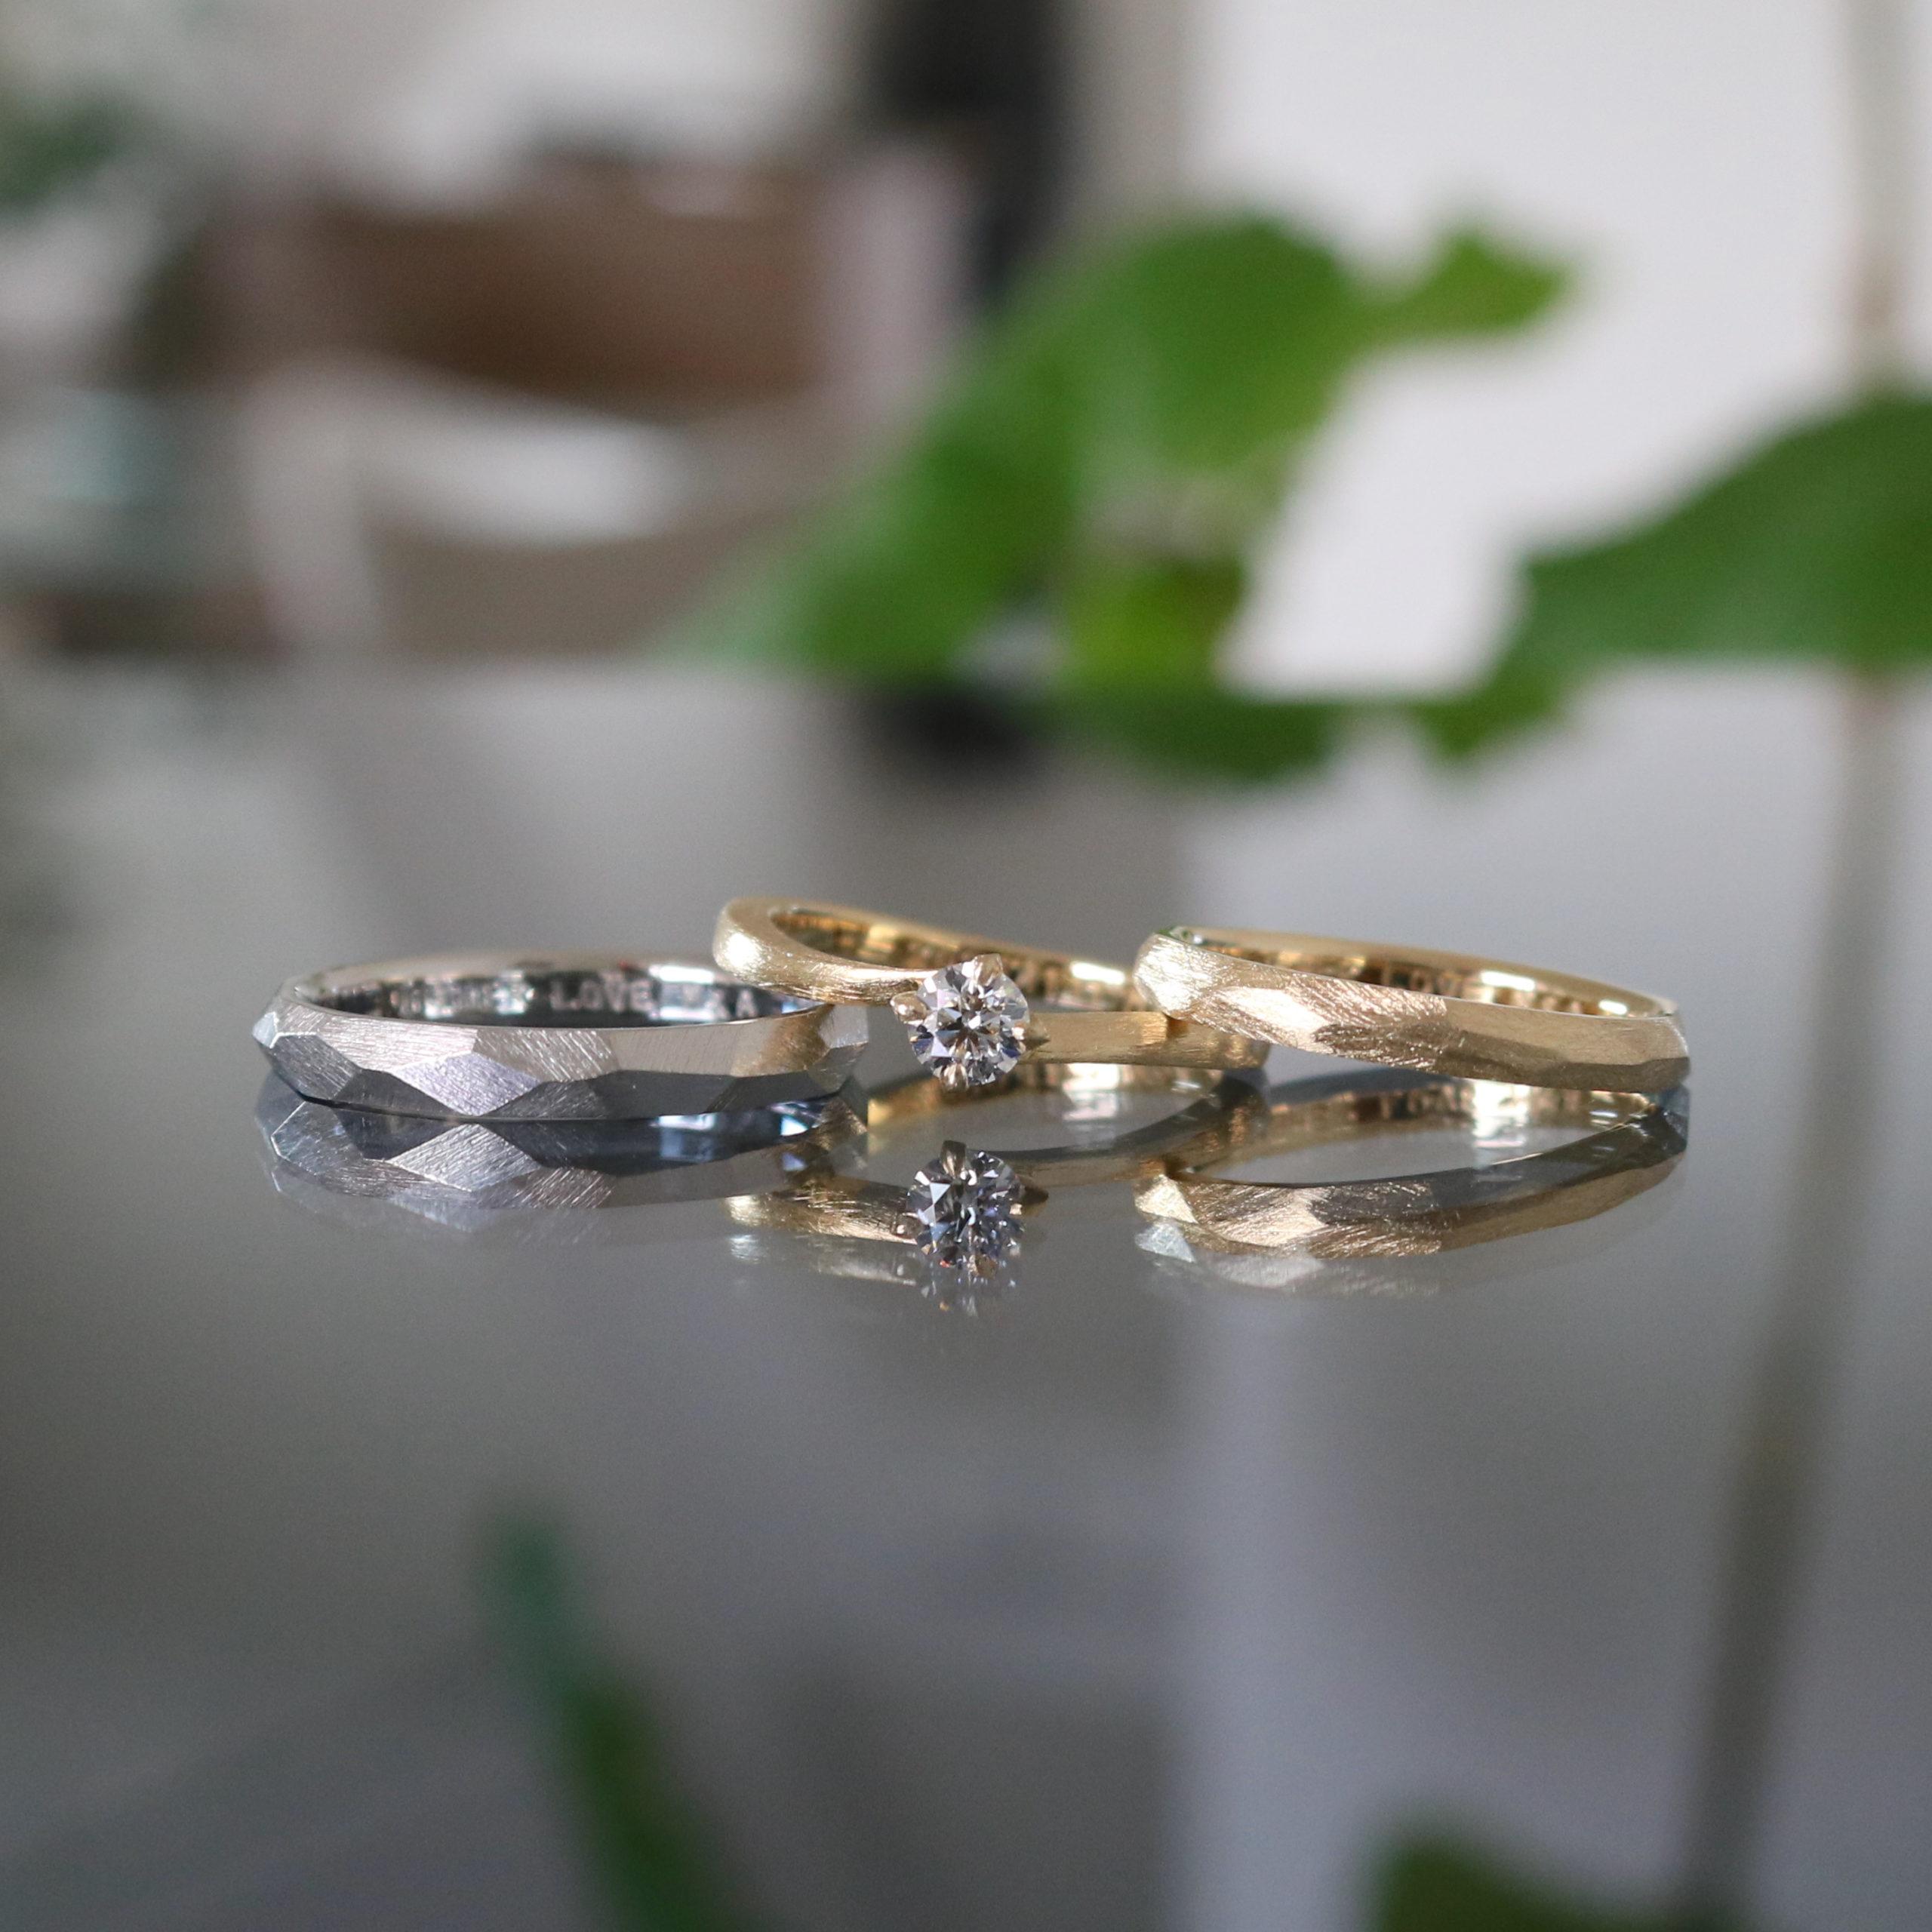 色違いでお揃いにした結婚指輪と、重ね付けを大切にされたアンティークな印象の婚約指輪